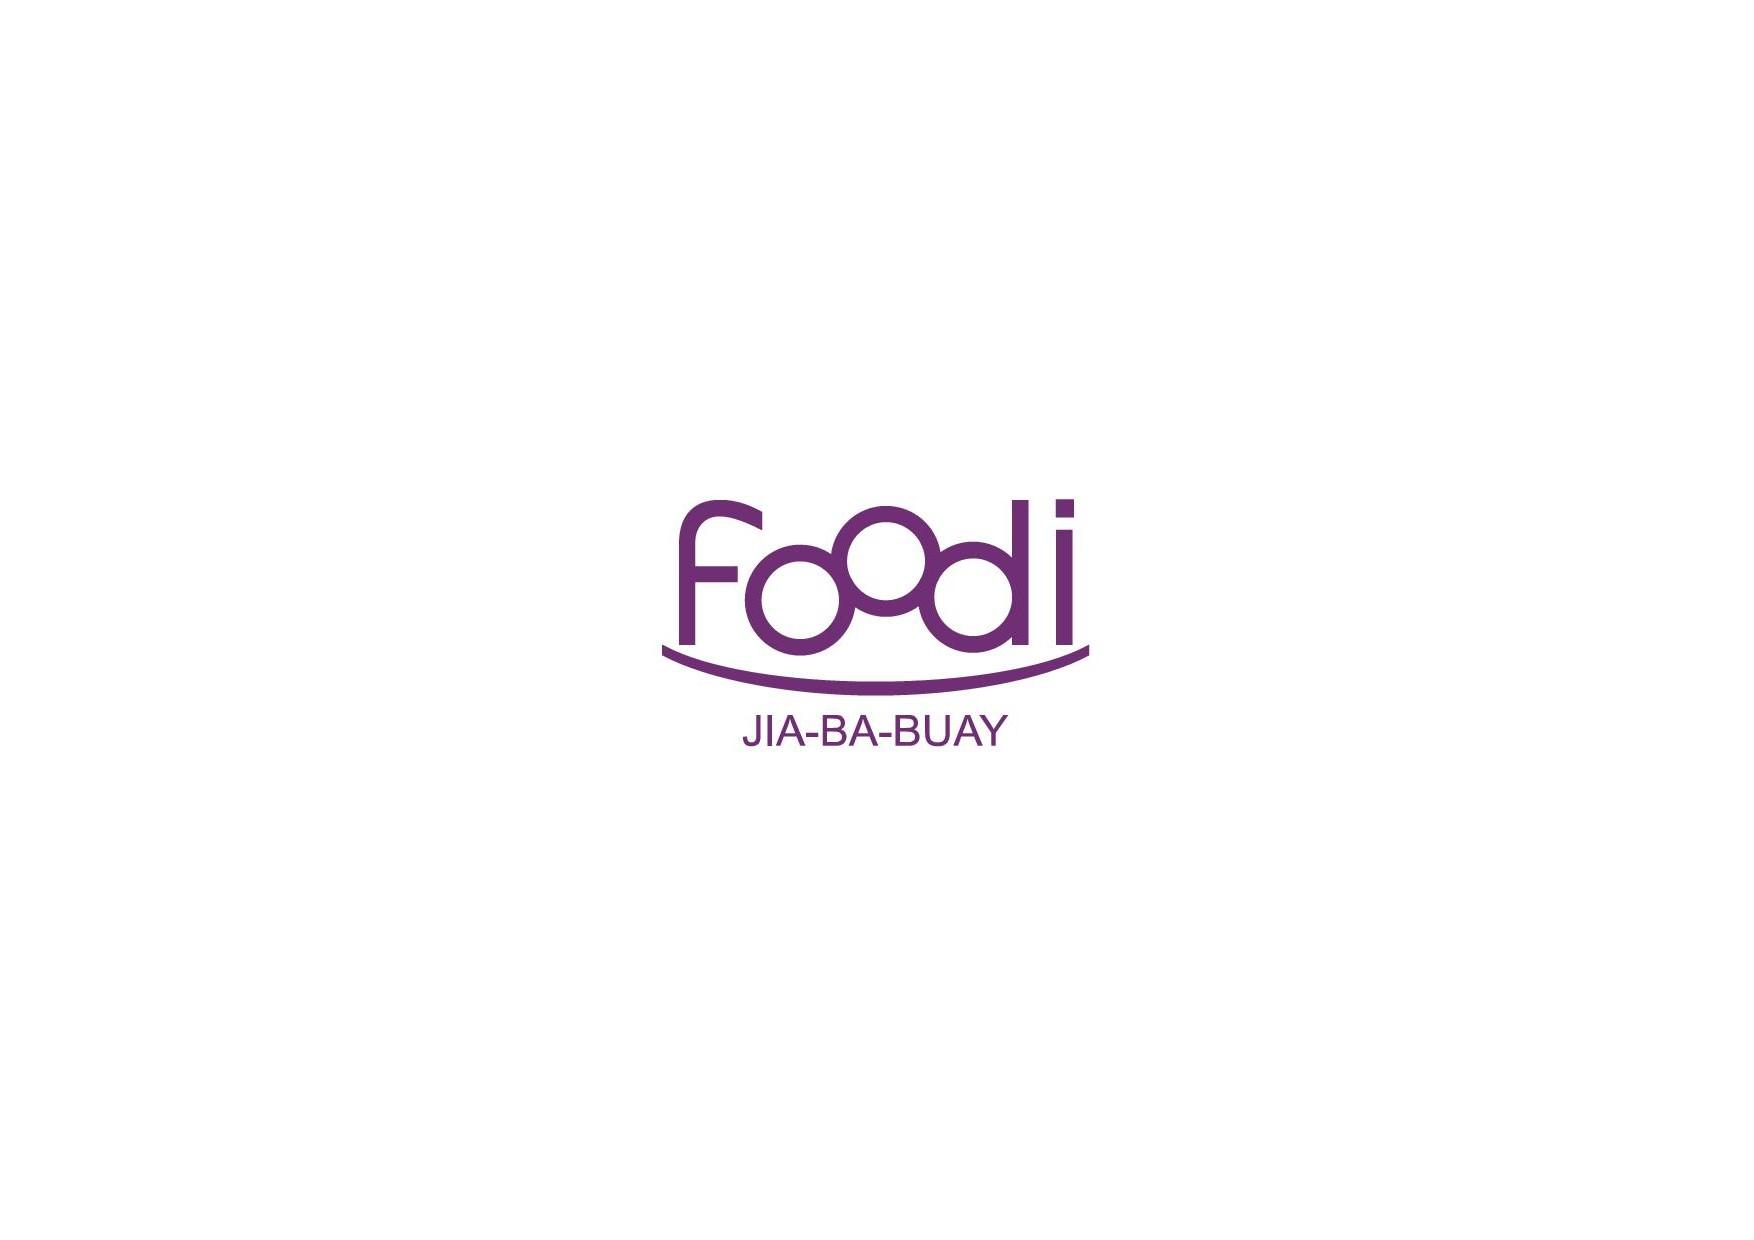 FOODI JIA BA BUAY